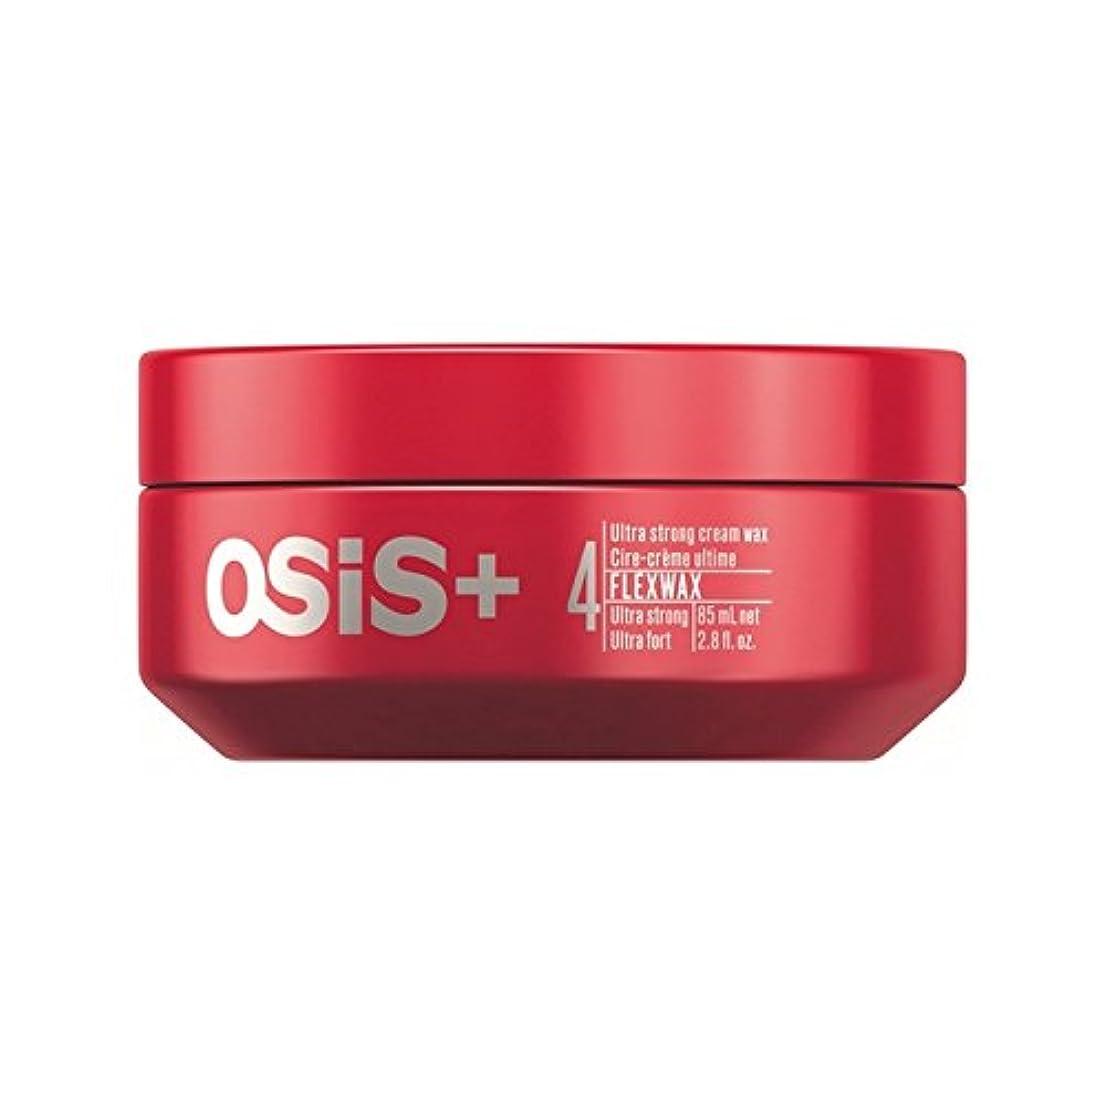 メンバーなかなか閉じるSchwarzkopf Osis Flexwax Ultra Strong Cream Wax (85ml) - シュワルツコフ 超強力なクリームワックス(85ミリリットル) [並行輸入品]